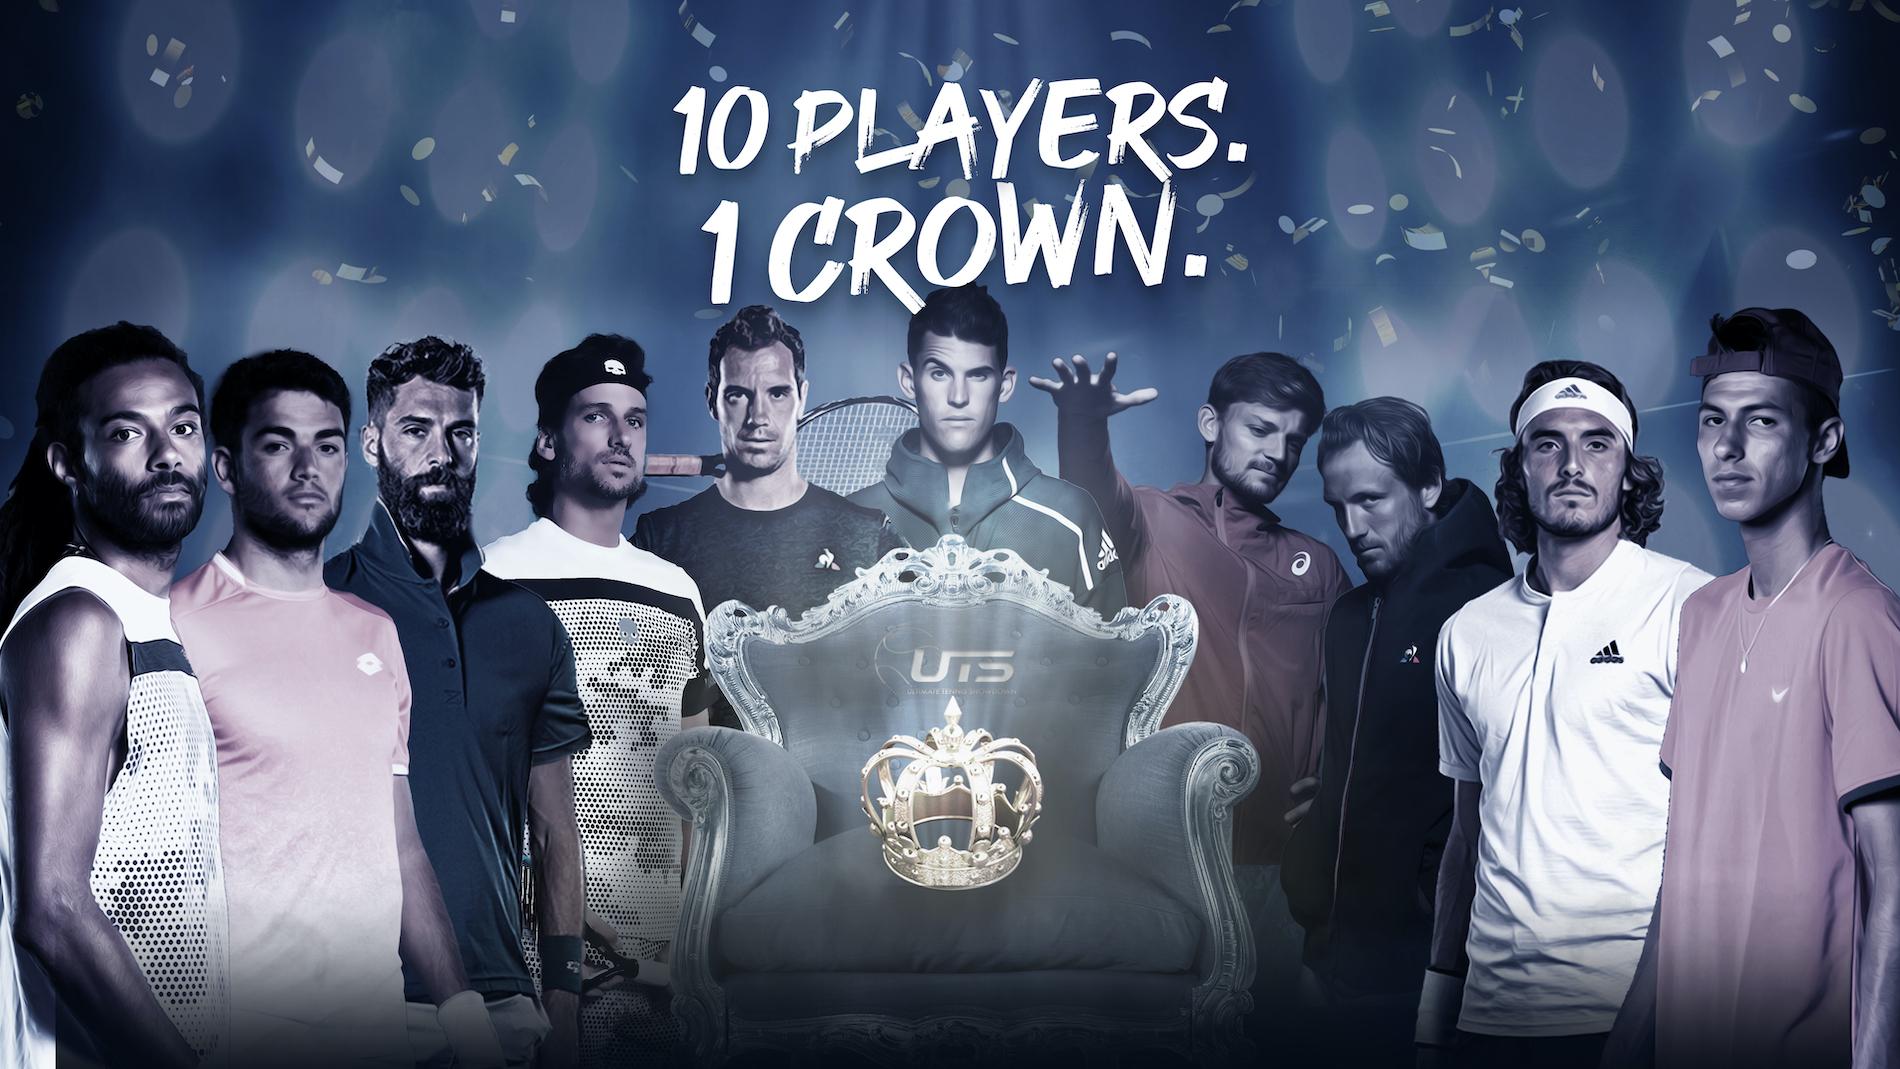 UTS Crown